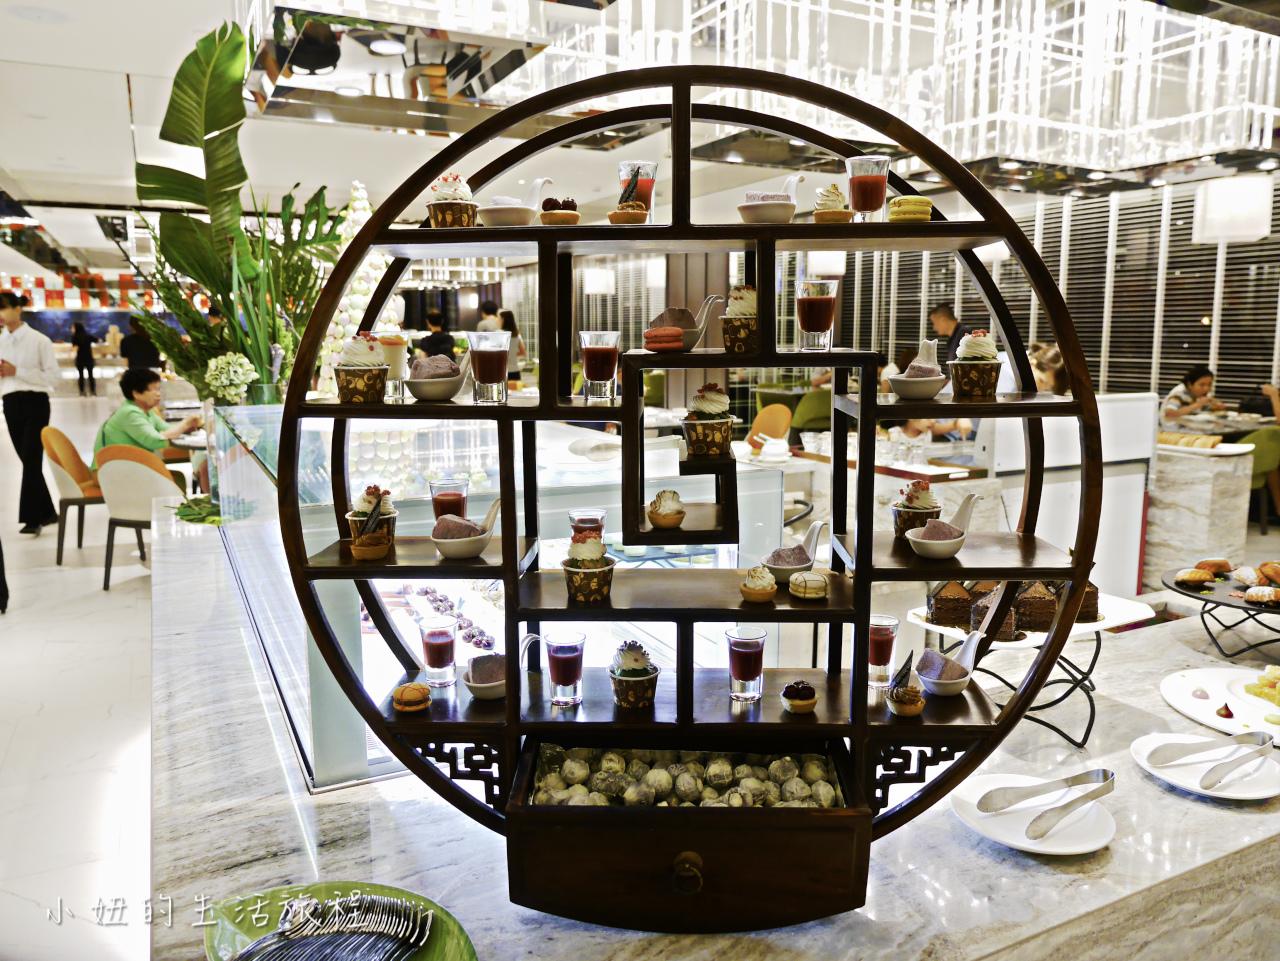 板橋凱撒大飯店,朋派自助餐-13.jpg